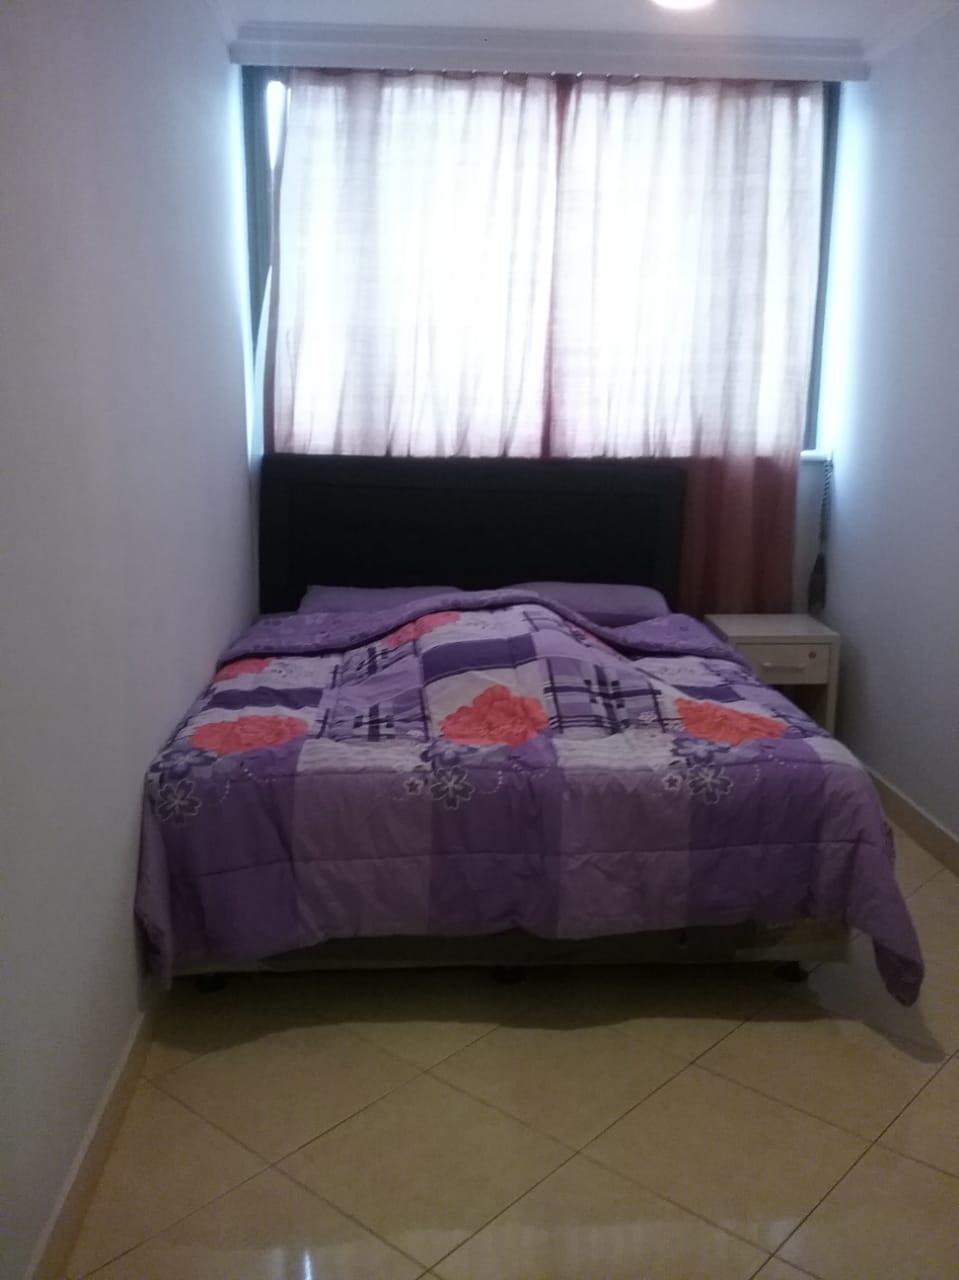 Private: Dijual Apartemen Taman Rasuna 2BR,74M2,Full Furnish